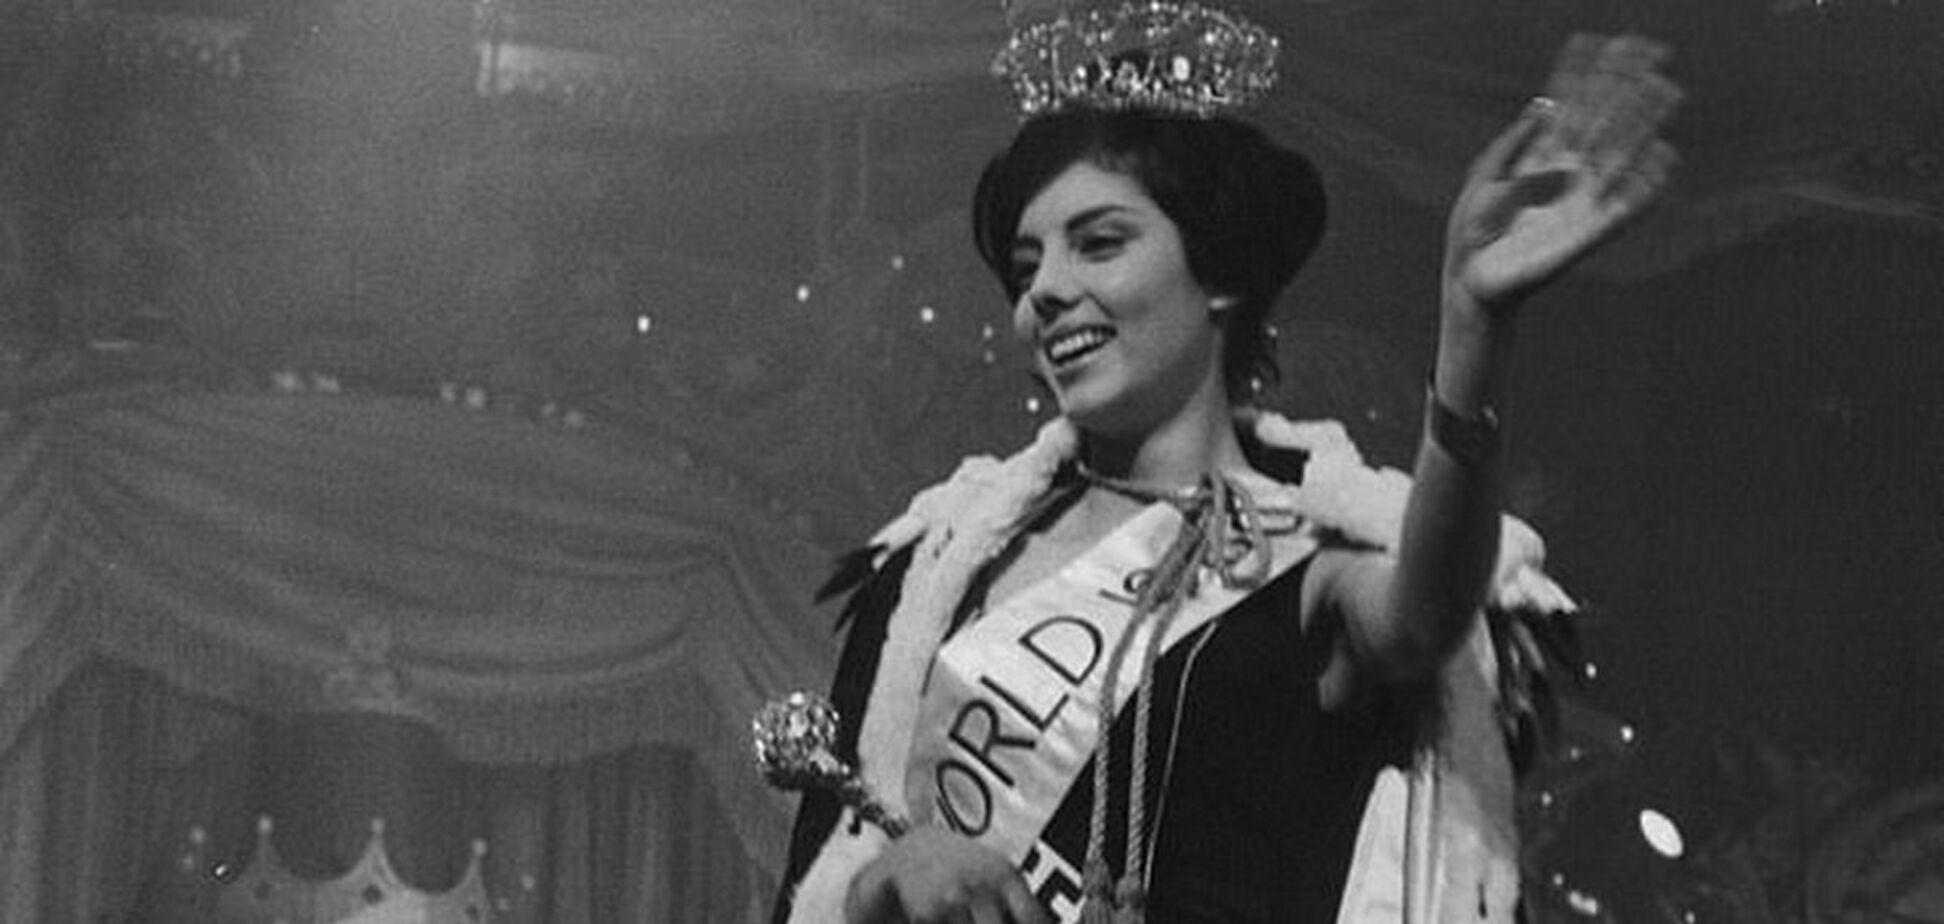 Бывшая 'Мисс Мира' погибла под колесами автобуса: подробности